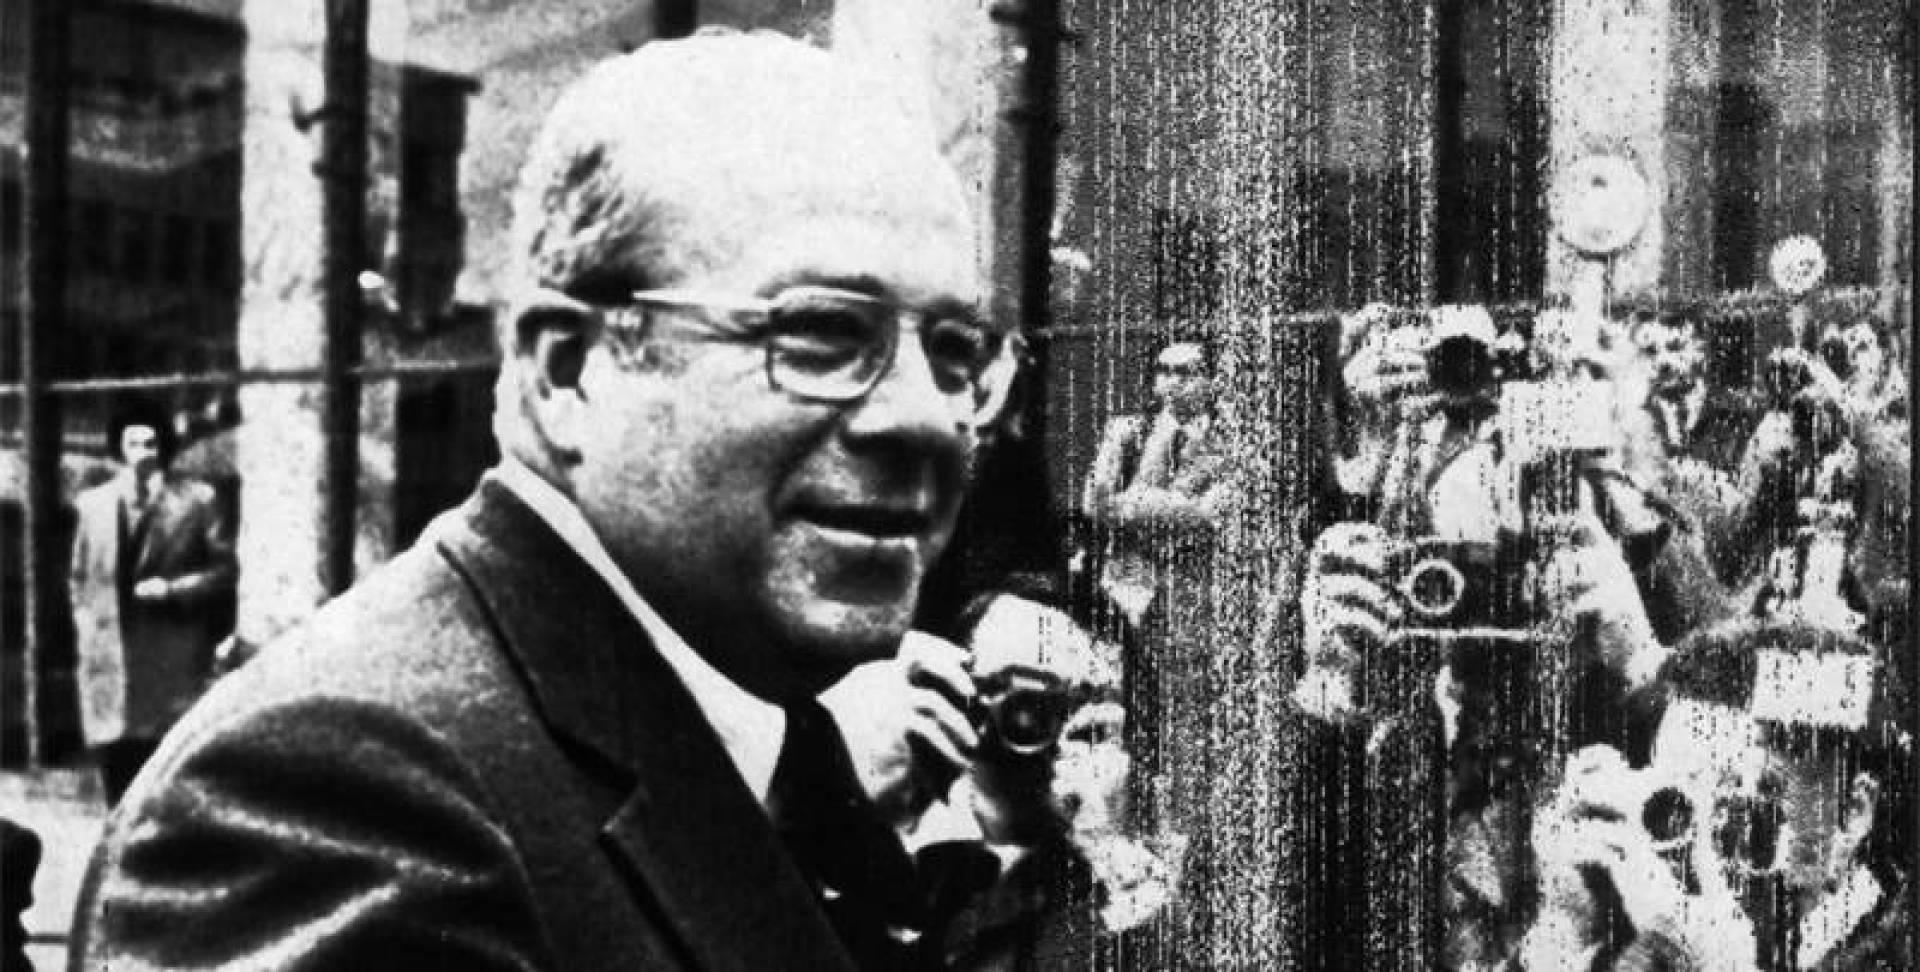 جورج شولتز وزير الخزانة الأميركي أثناء وجوده في روما لحضور اجتماعات لجنة العشرين.. أرشيفية